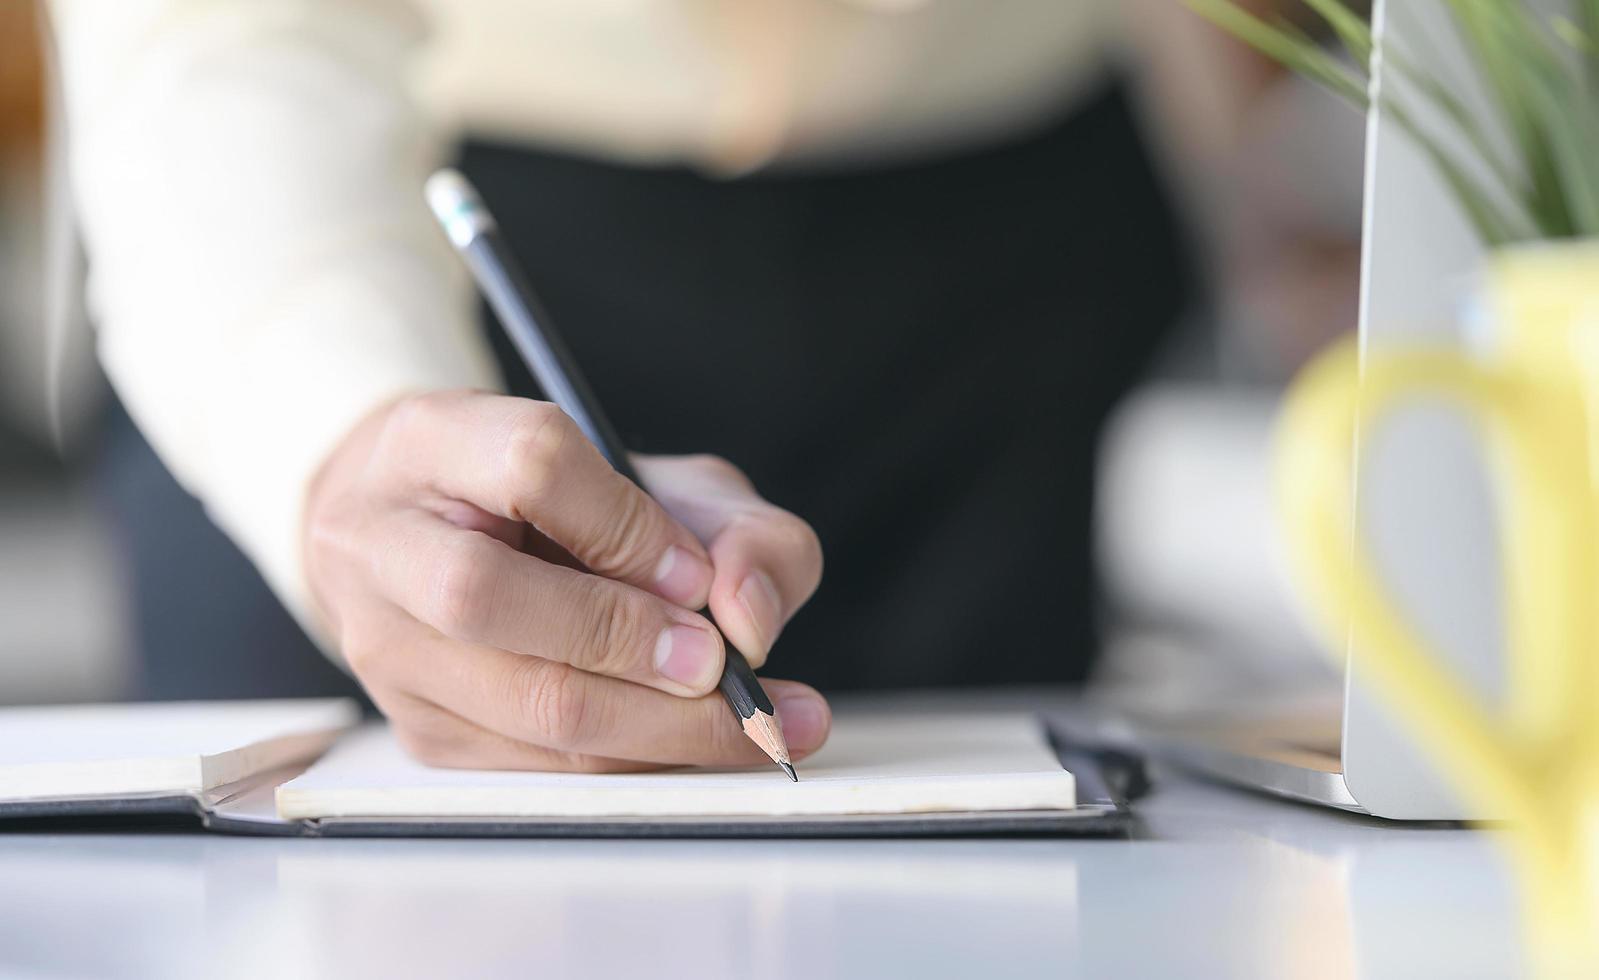 une main qui écrit sur un ordinateur portable avec un crayon photo